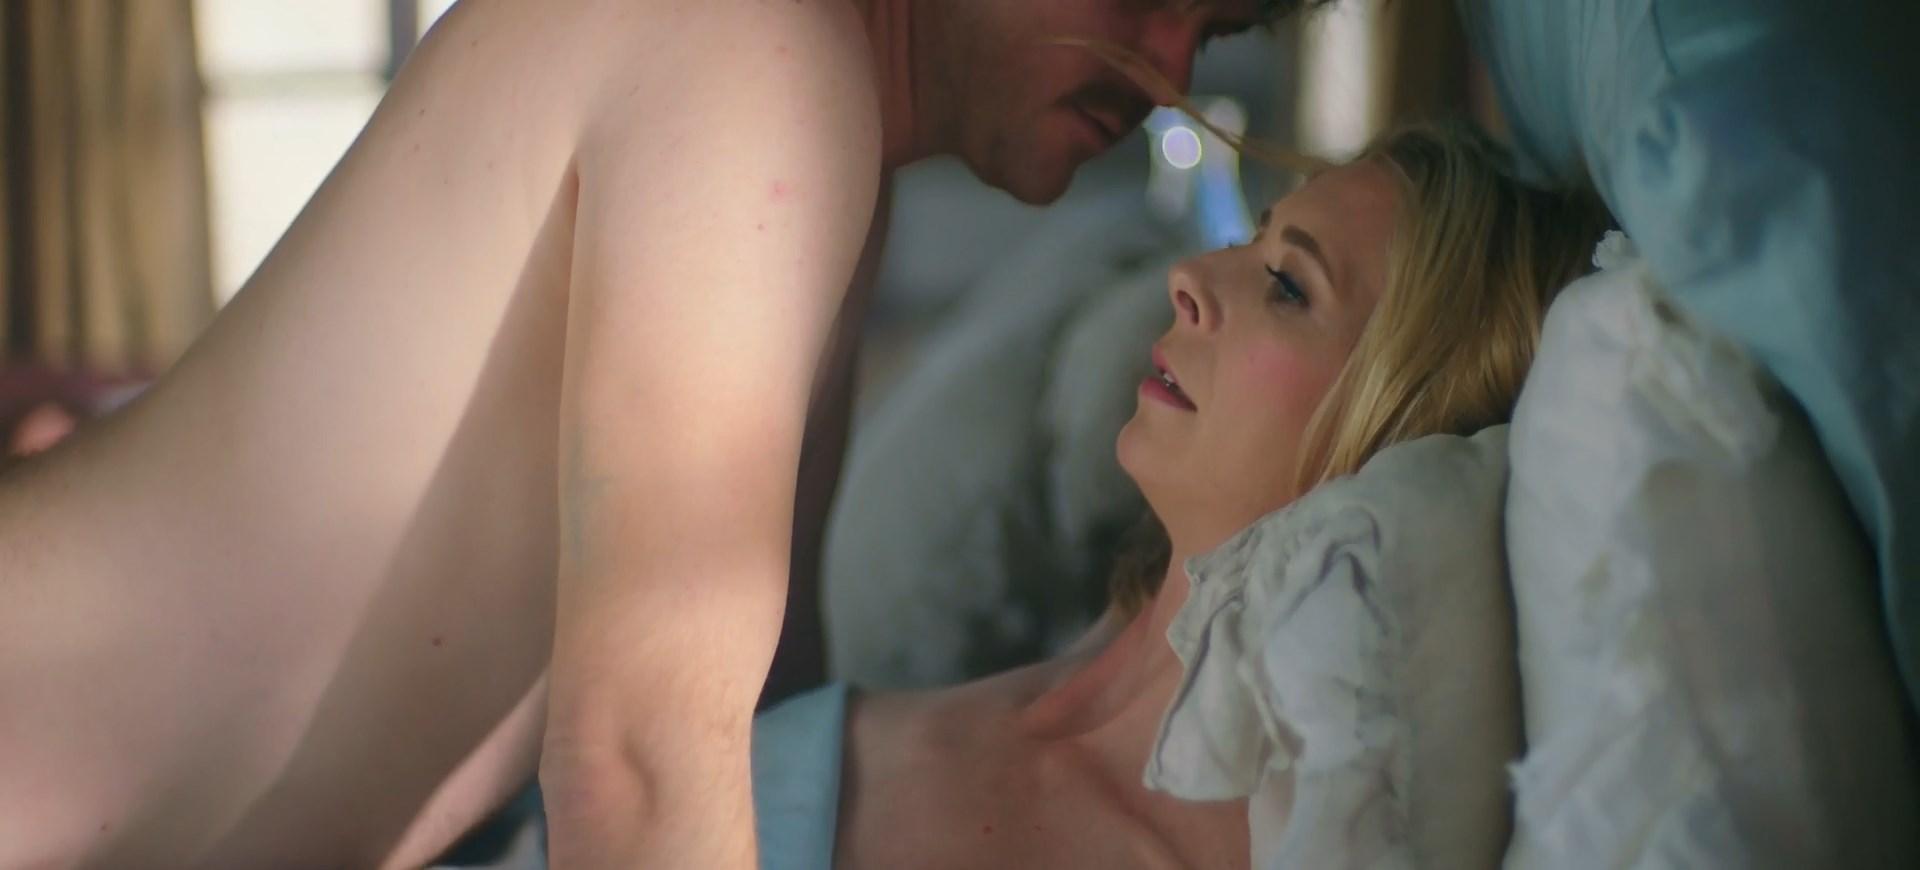 Jocelyn deboer nude